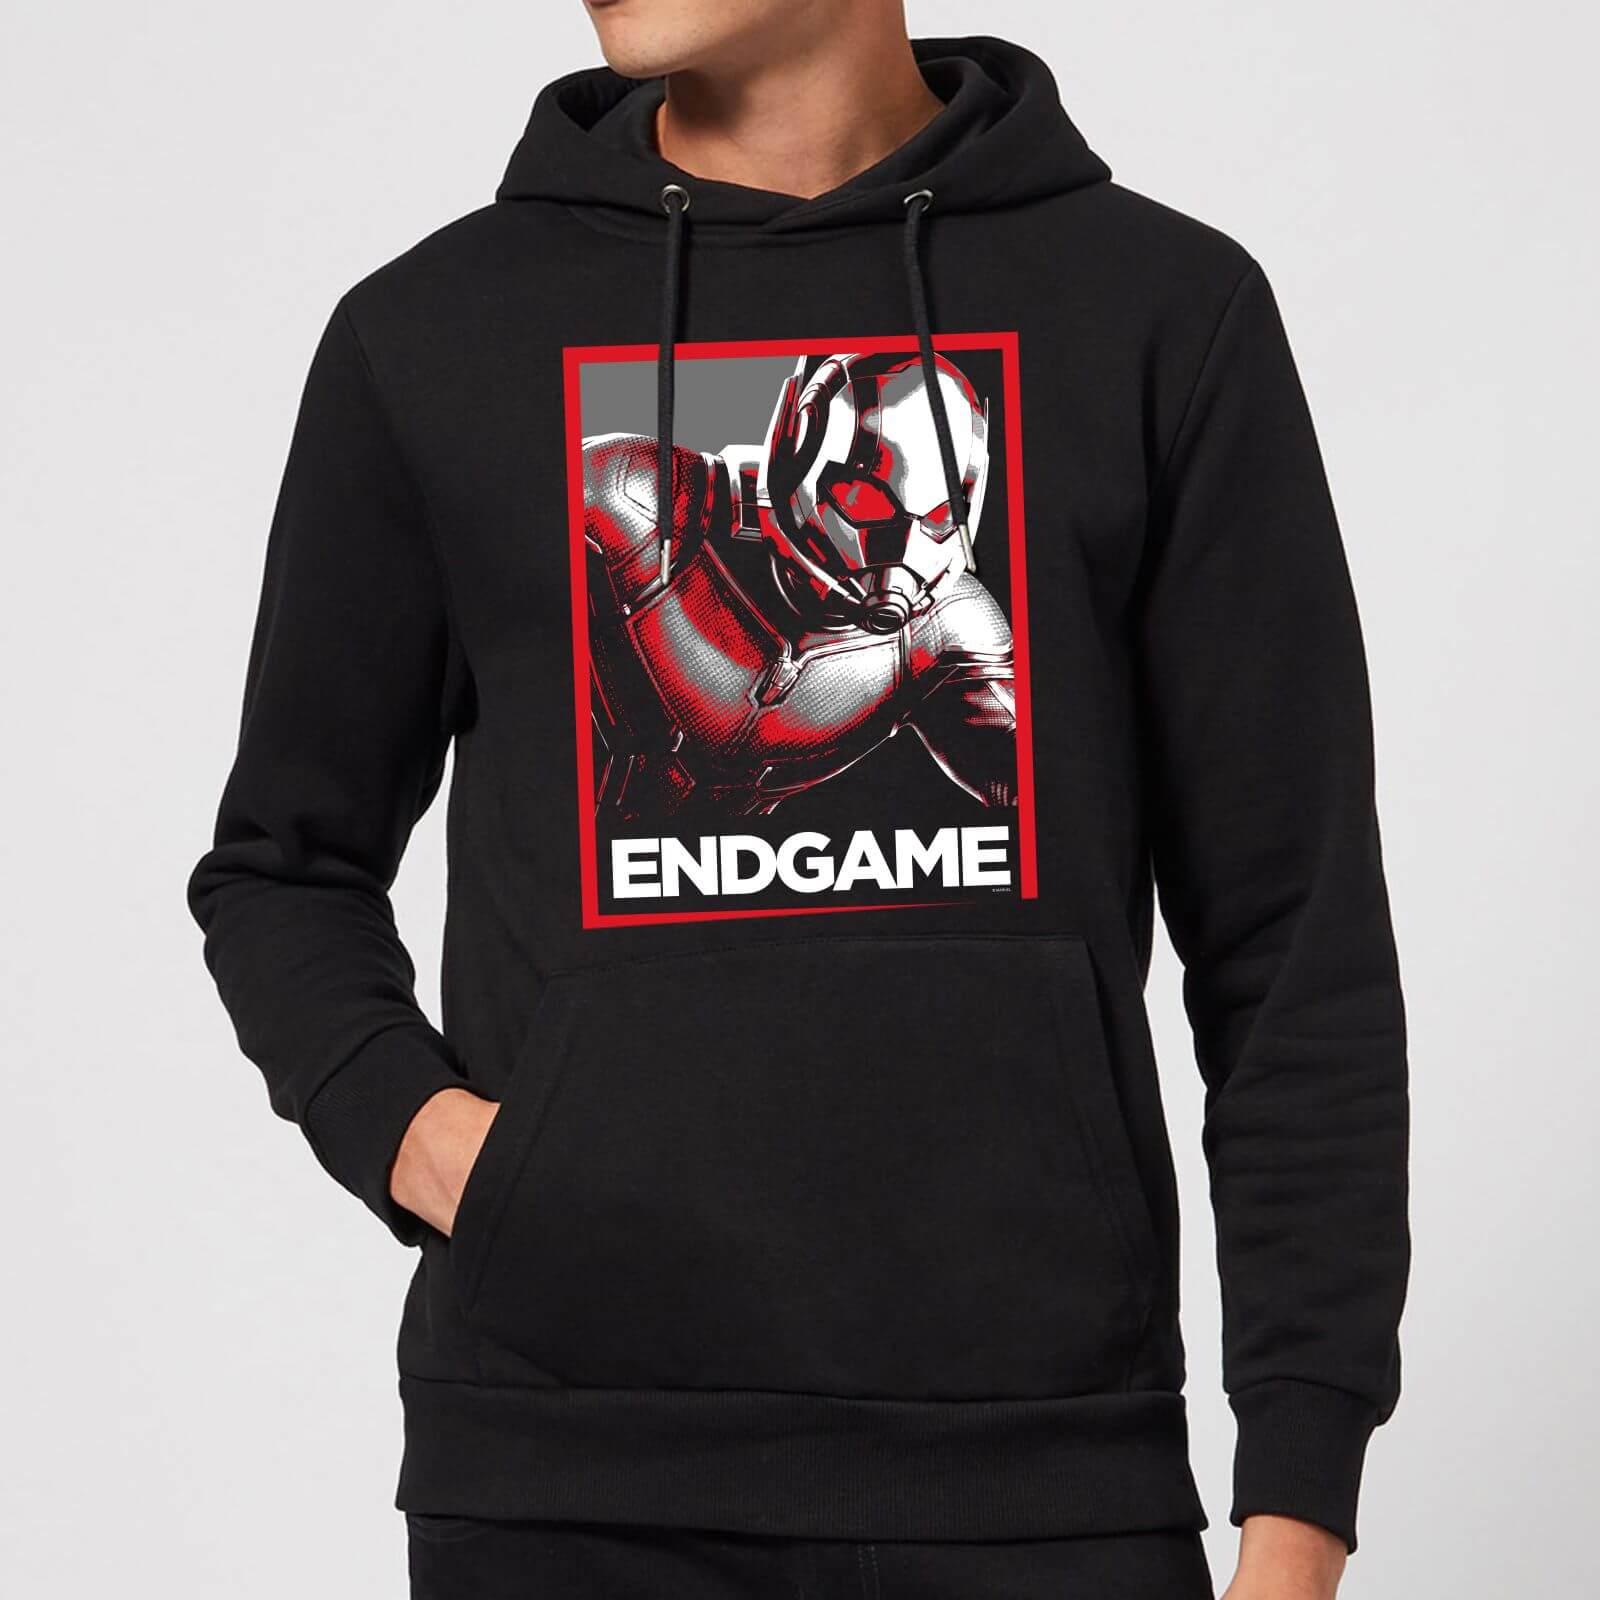 Marvel Avengers Endgame Ant-Man Poster Hoodie - Black - S - Black